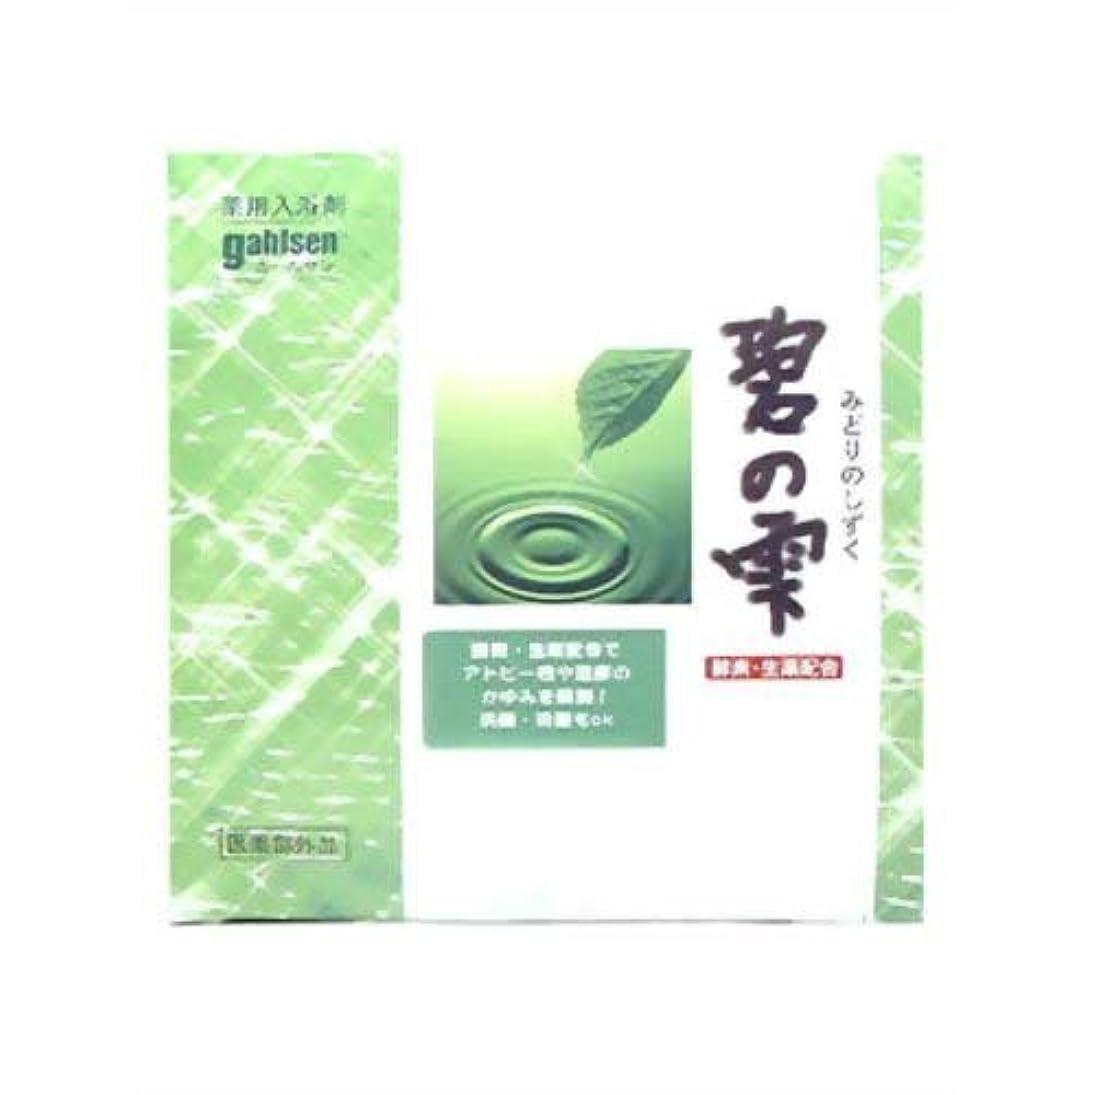 素晴らしい広々とした省略する東海美商 酵素入浴剤ガールセン「碧の雫」 20g×48包